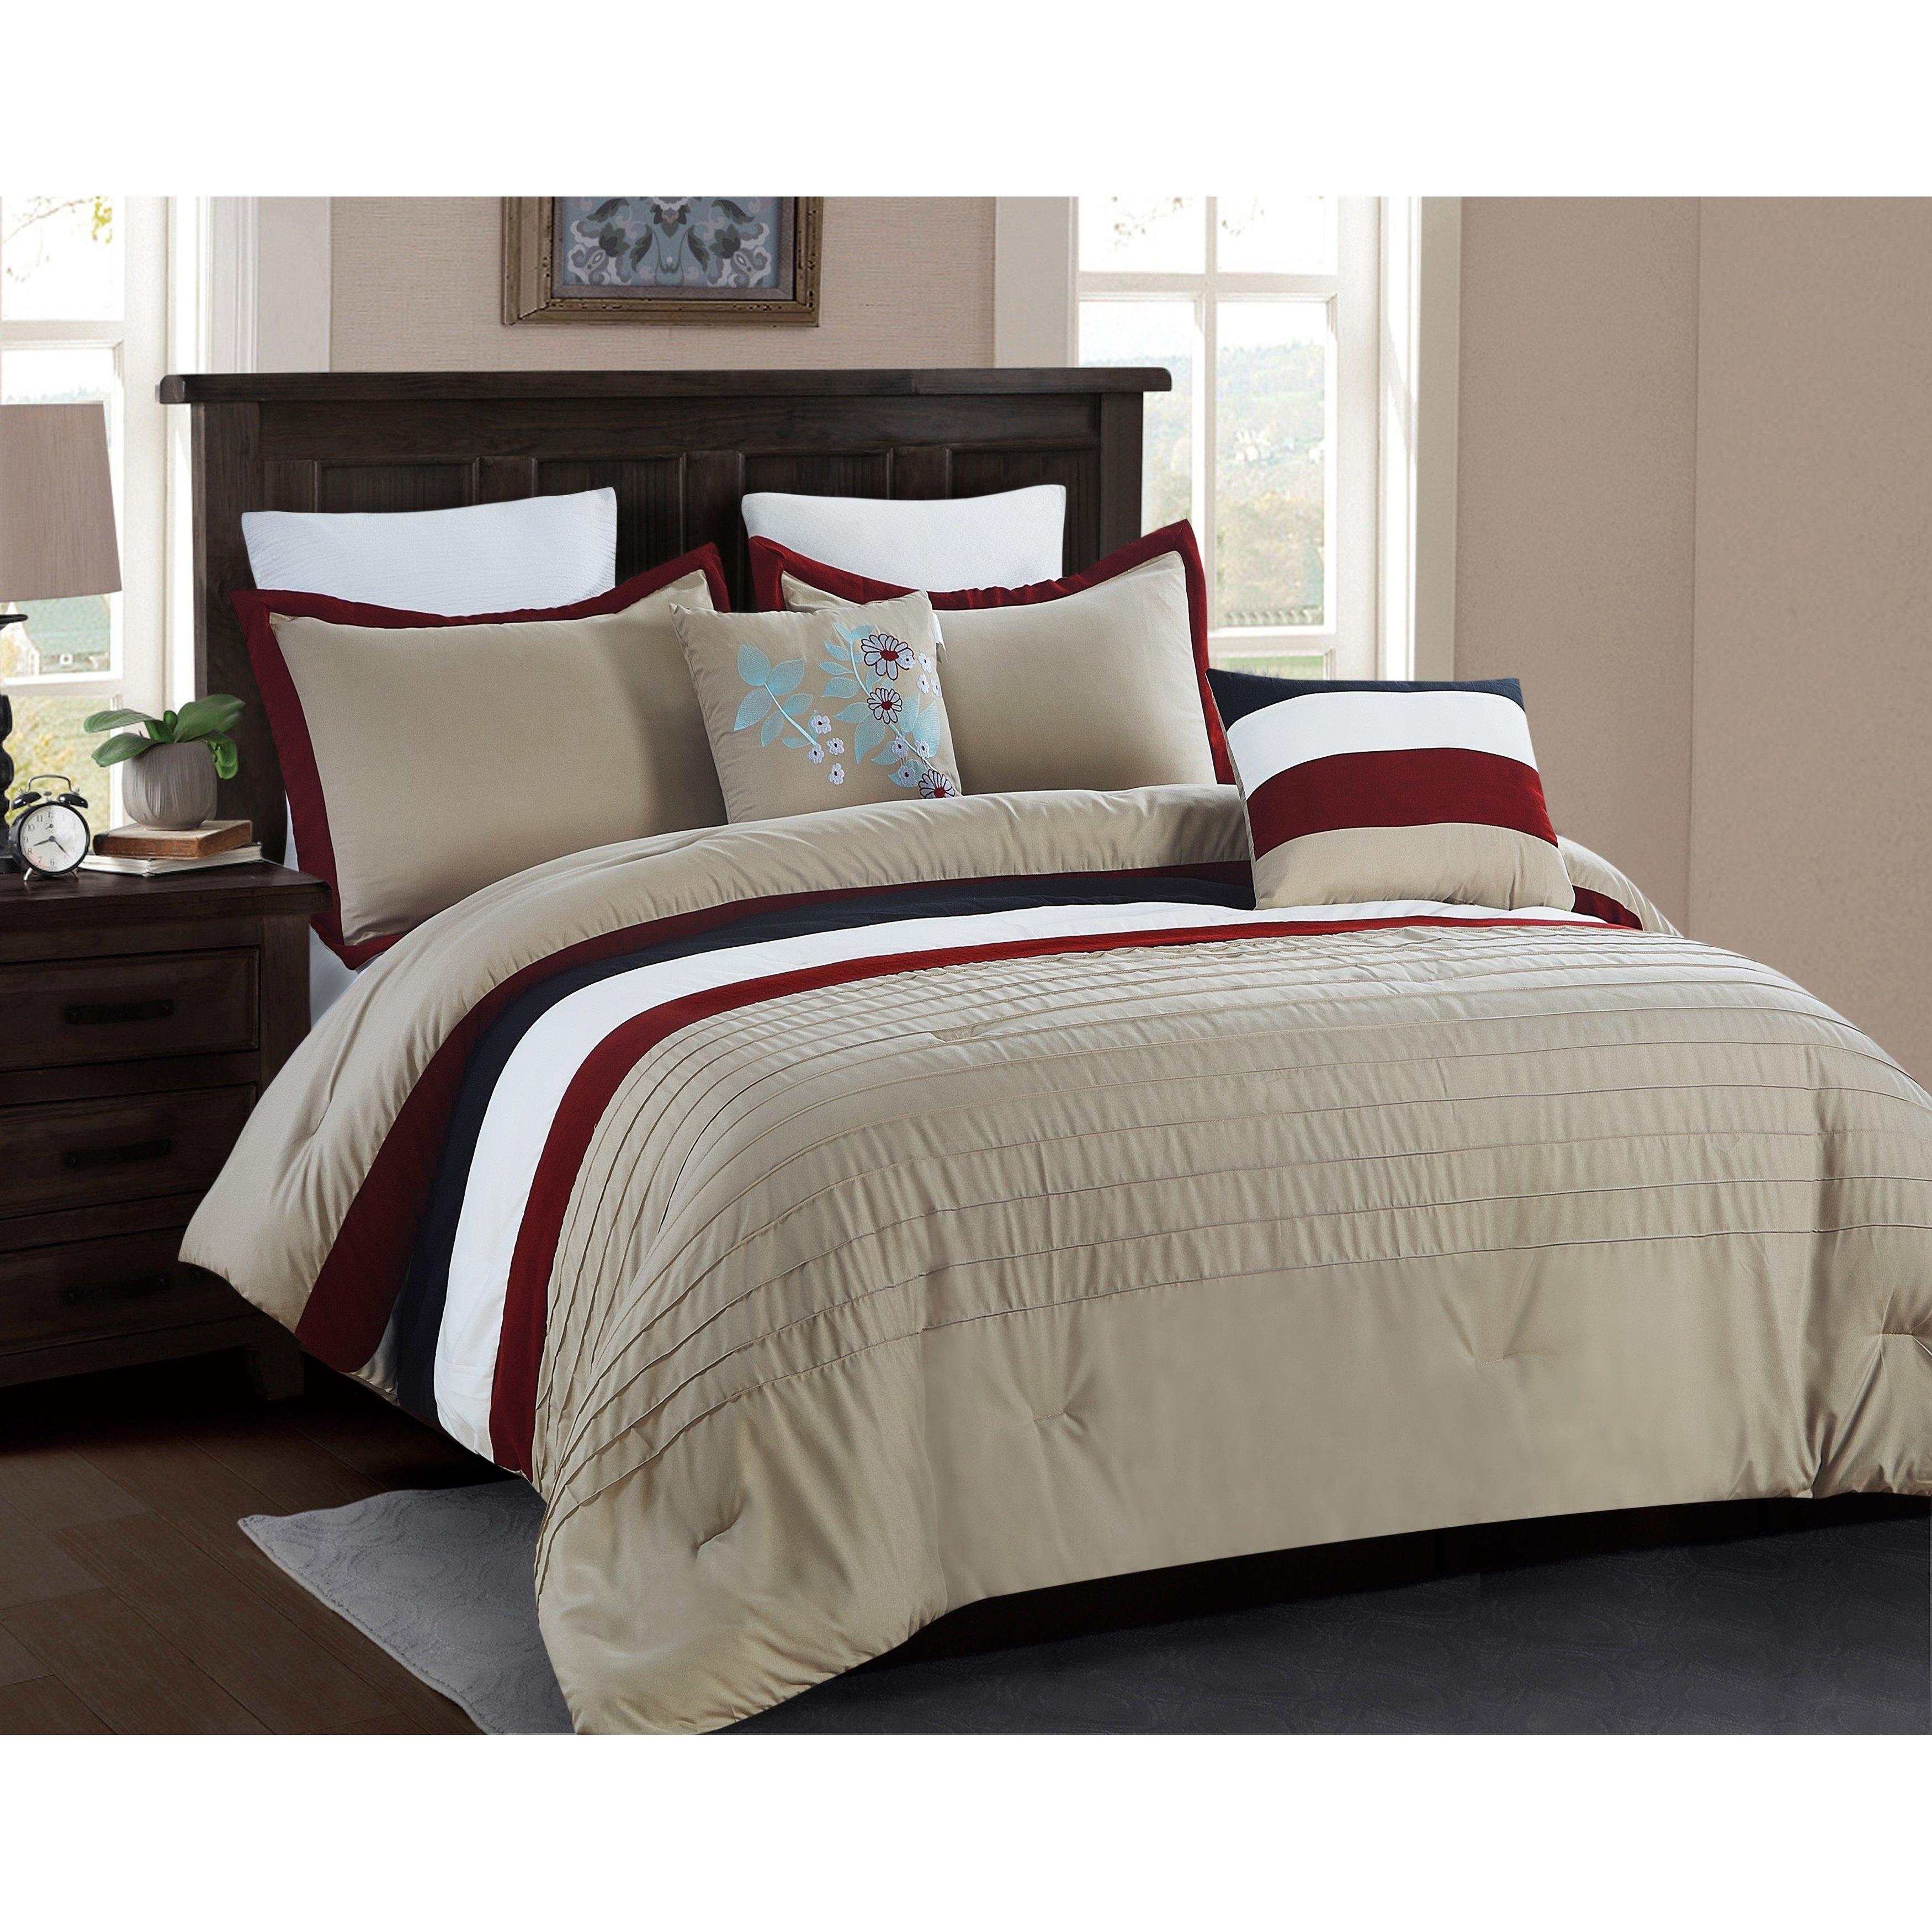 5 Piece Micro Suede Comforter Set Full Queen Chocolate Brown